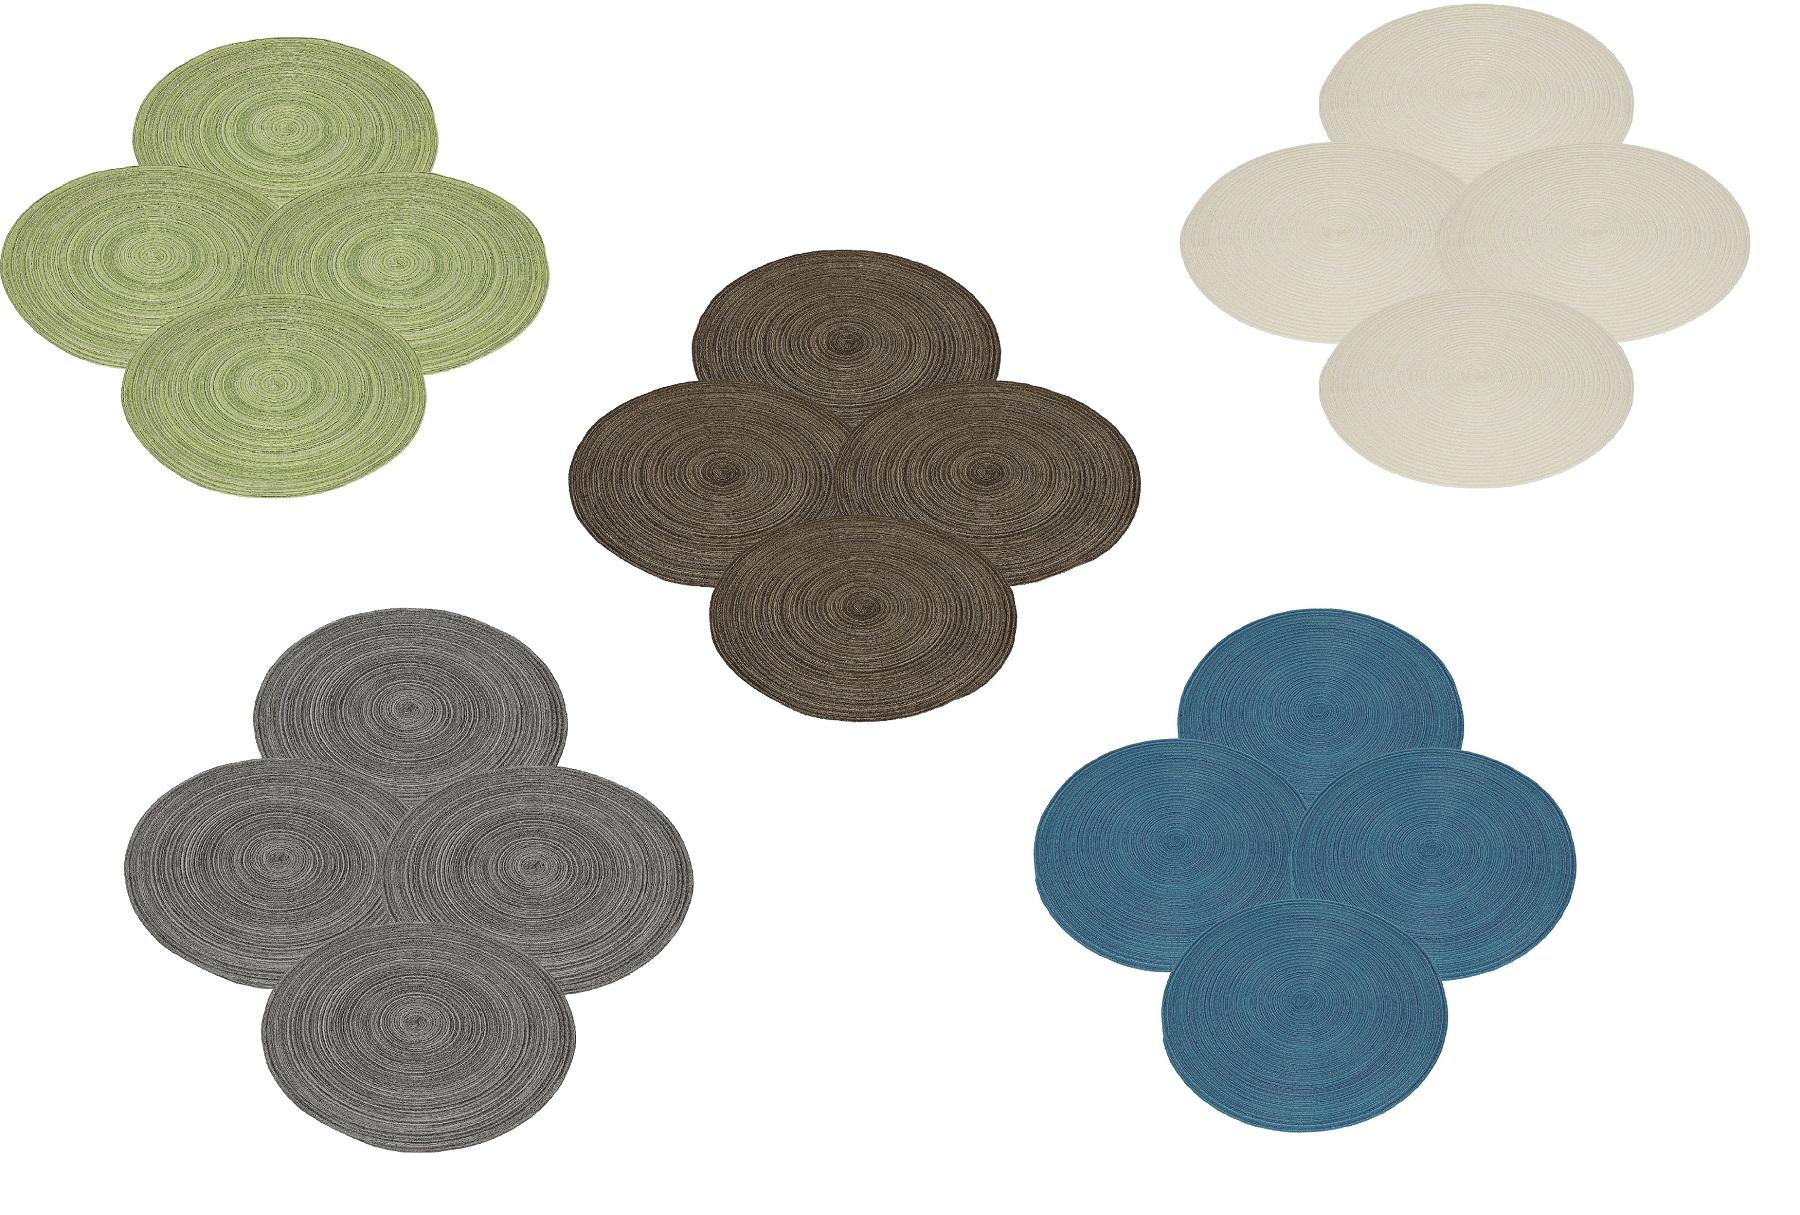 betz set de table lot de 4 pi ces lavable 100 polyester taille 40 cm plusieurs couleurs au choix. Black Bedroom Furniture Sets. Home Design Ideas